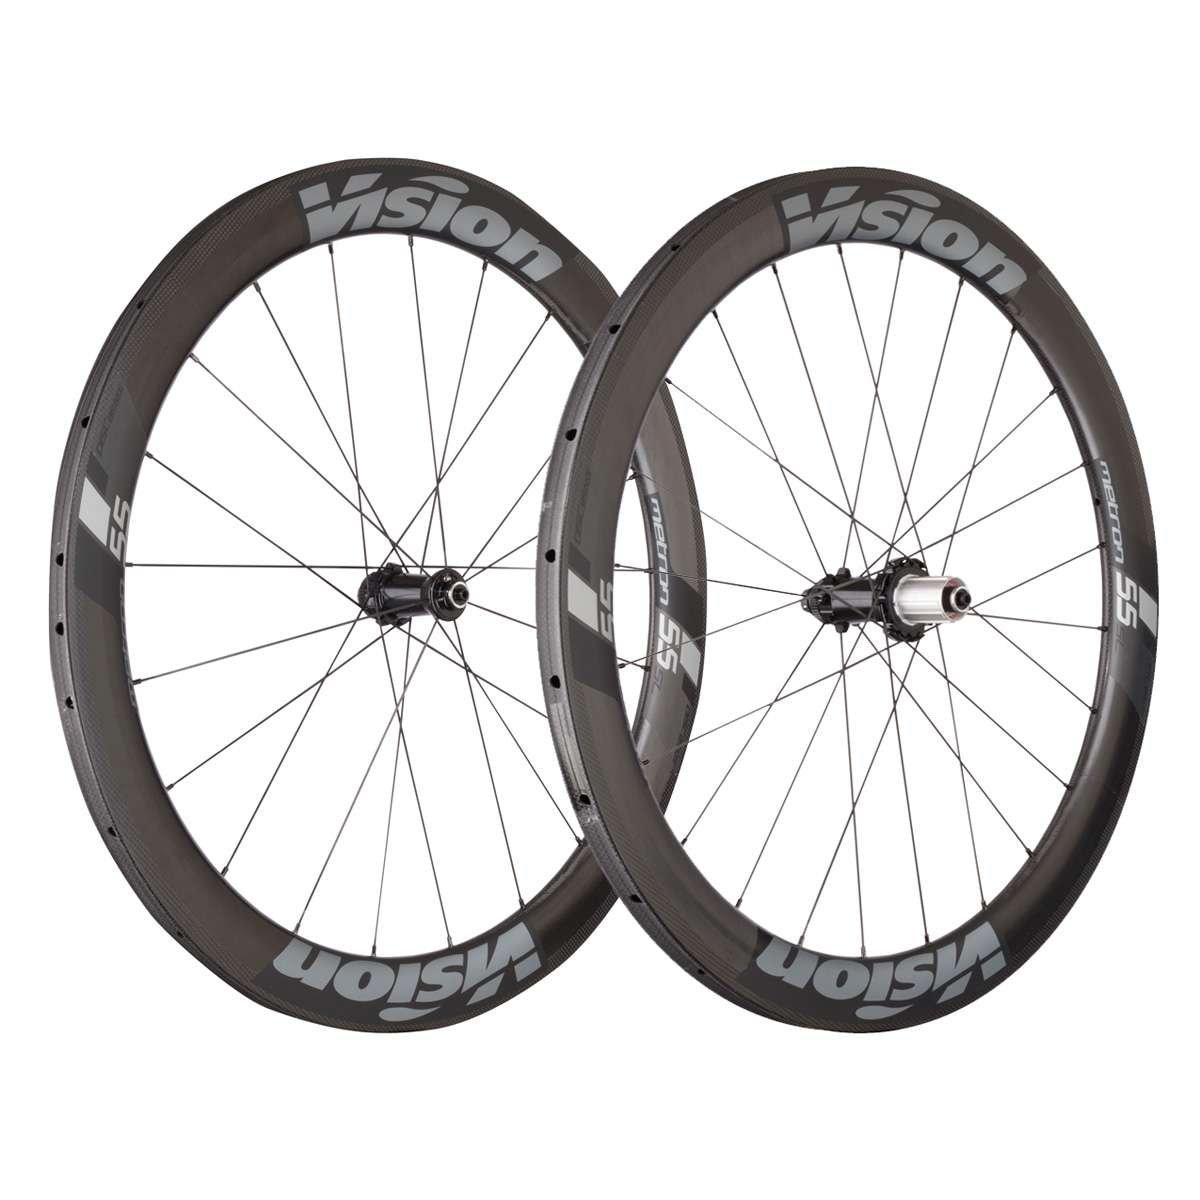 FSAビジョンメトロン55 SLディスクブレーキチューブ状自転車ホイールセット Centerlock  B077D1QSFV